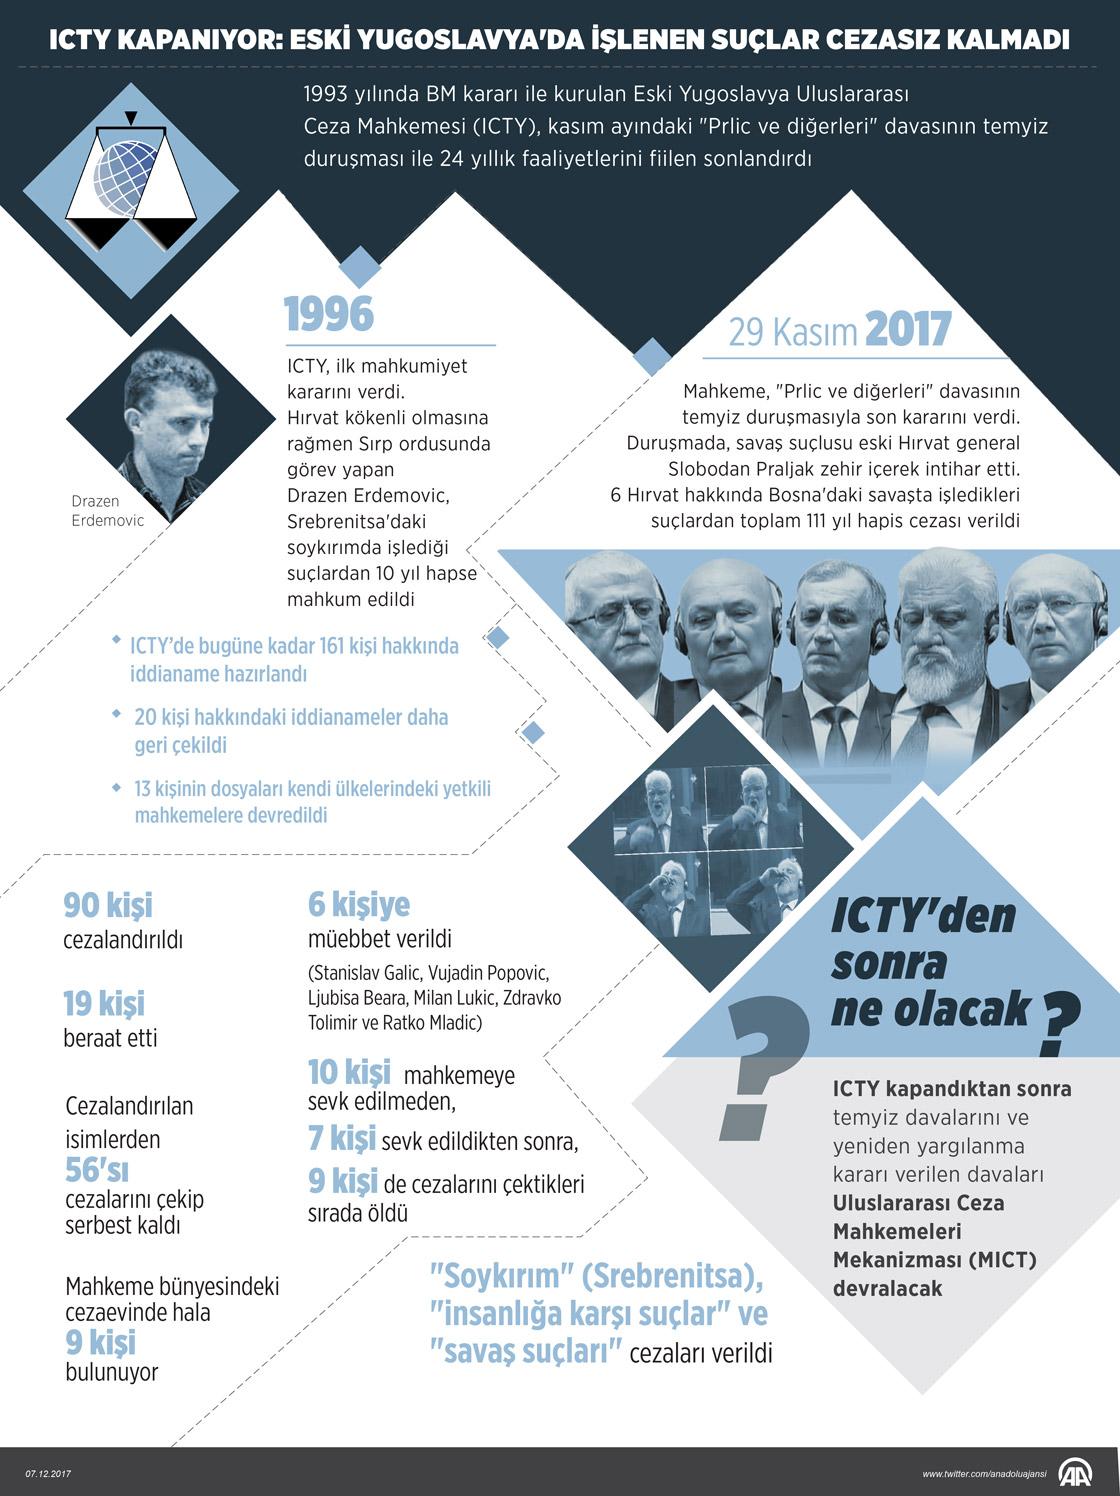 ICTY kapanıyor Eski Yugoslavya'da işlenen suçlar cezasız kalmadı